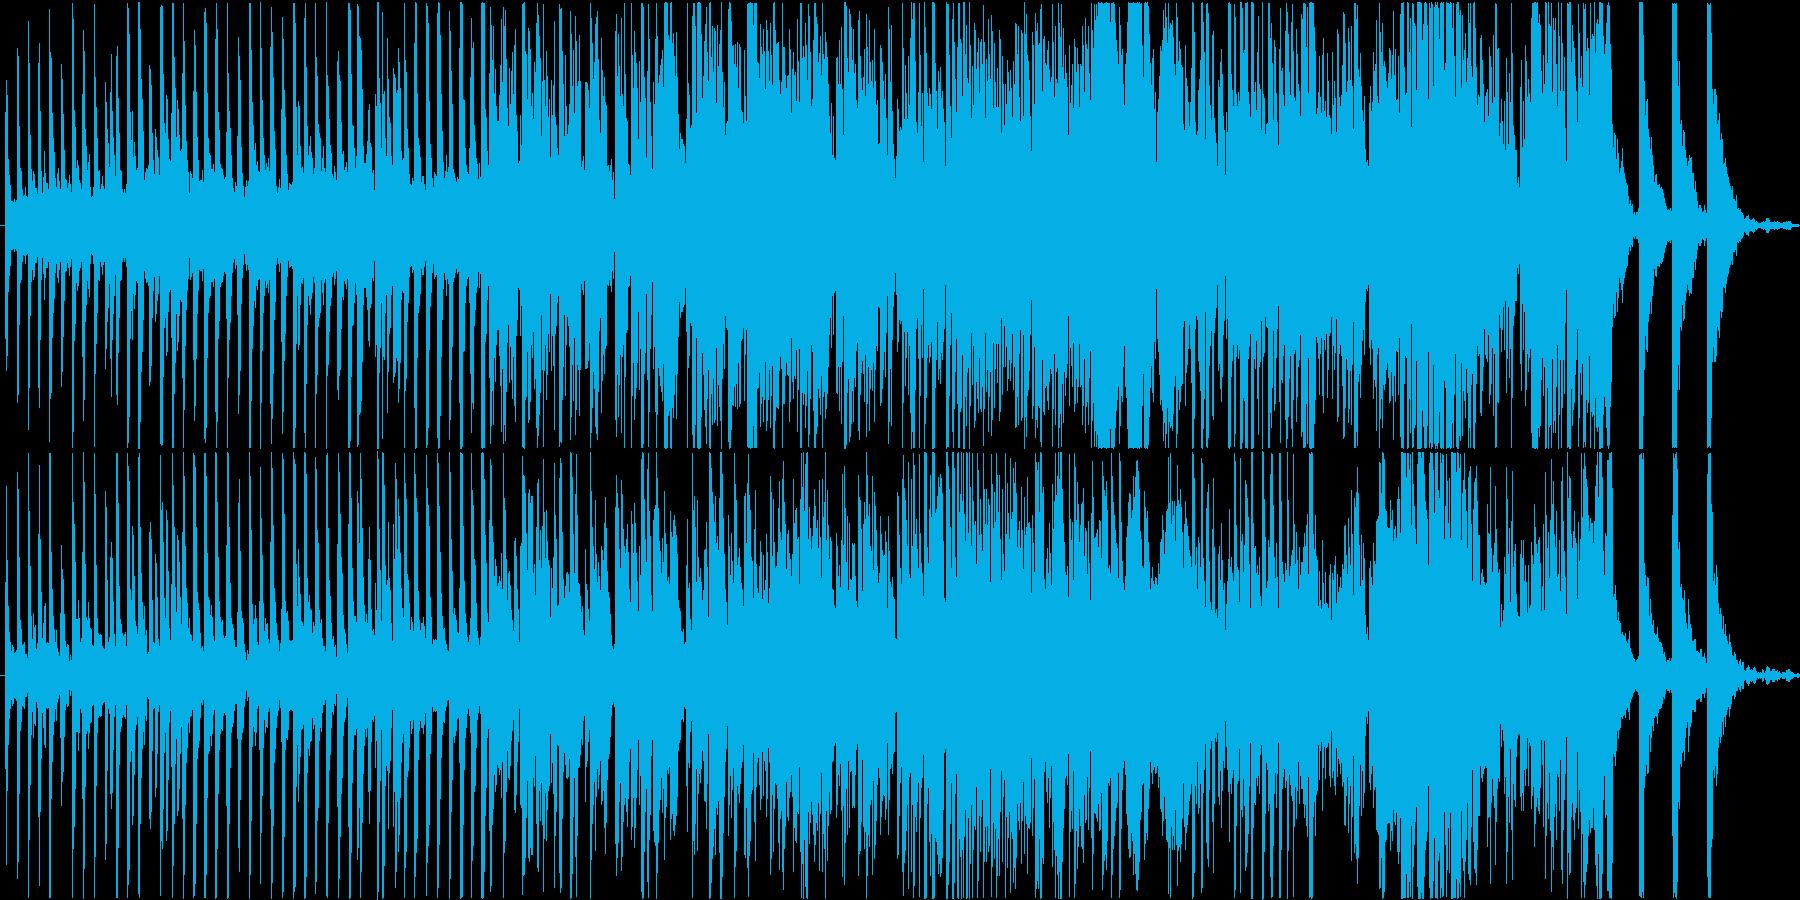 ファンタジー要素のある現代音楽ピアノ曲の再生済みの波形